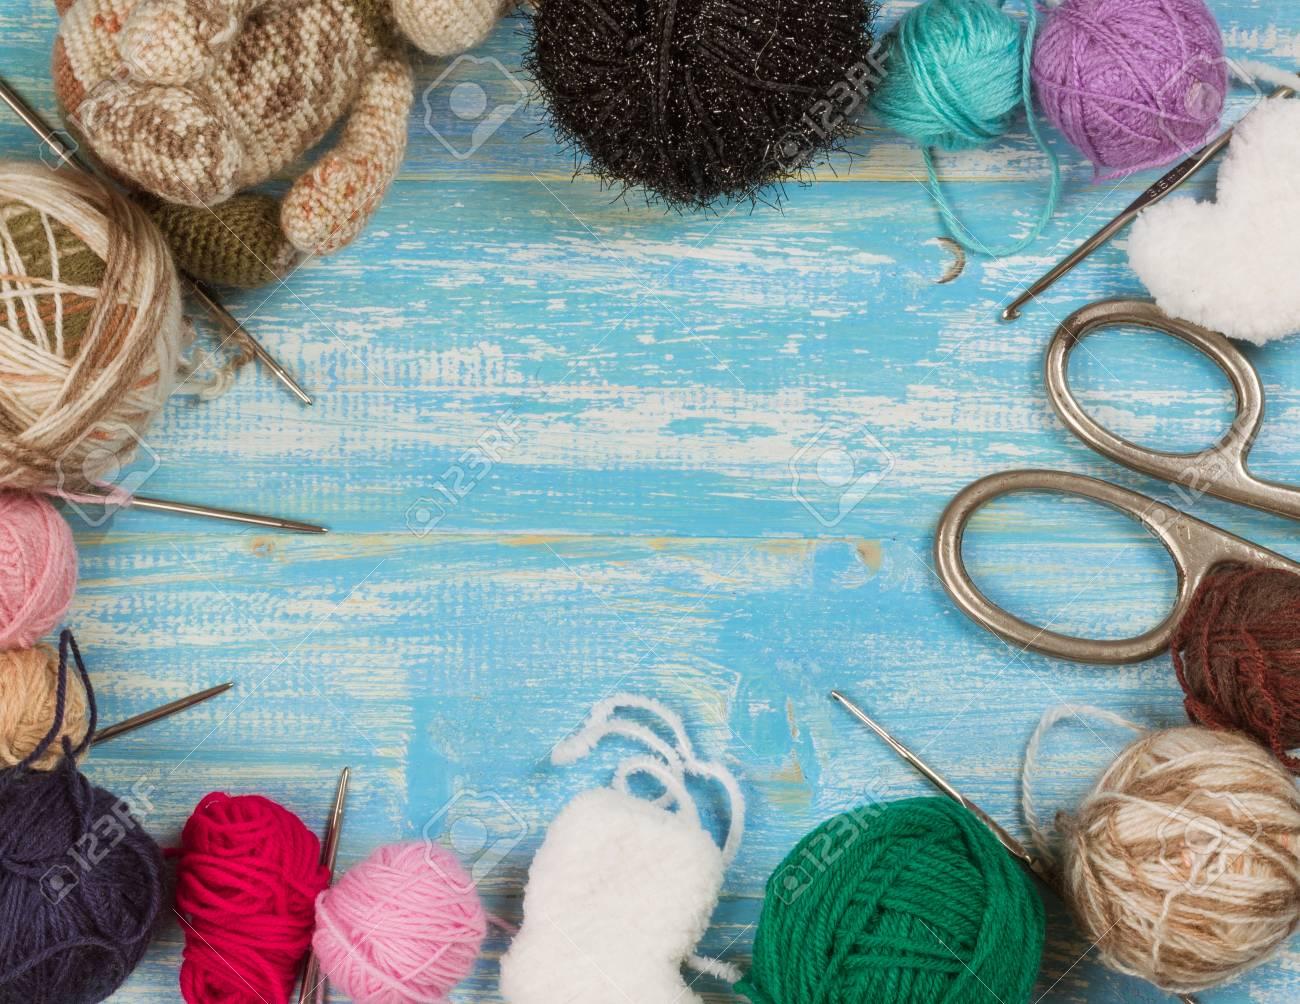 Fil multicolore avec de la laine et des ciseaux sur une table en bois. Le concept de l'artisanat à domicile.